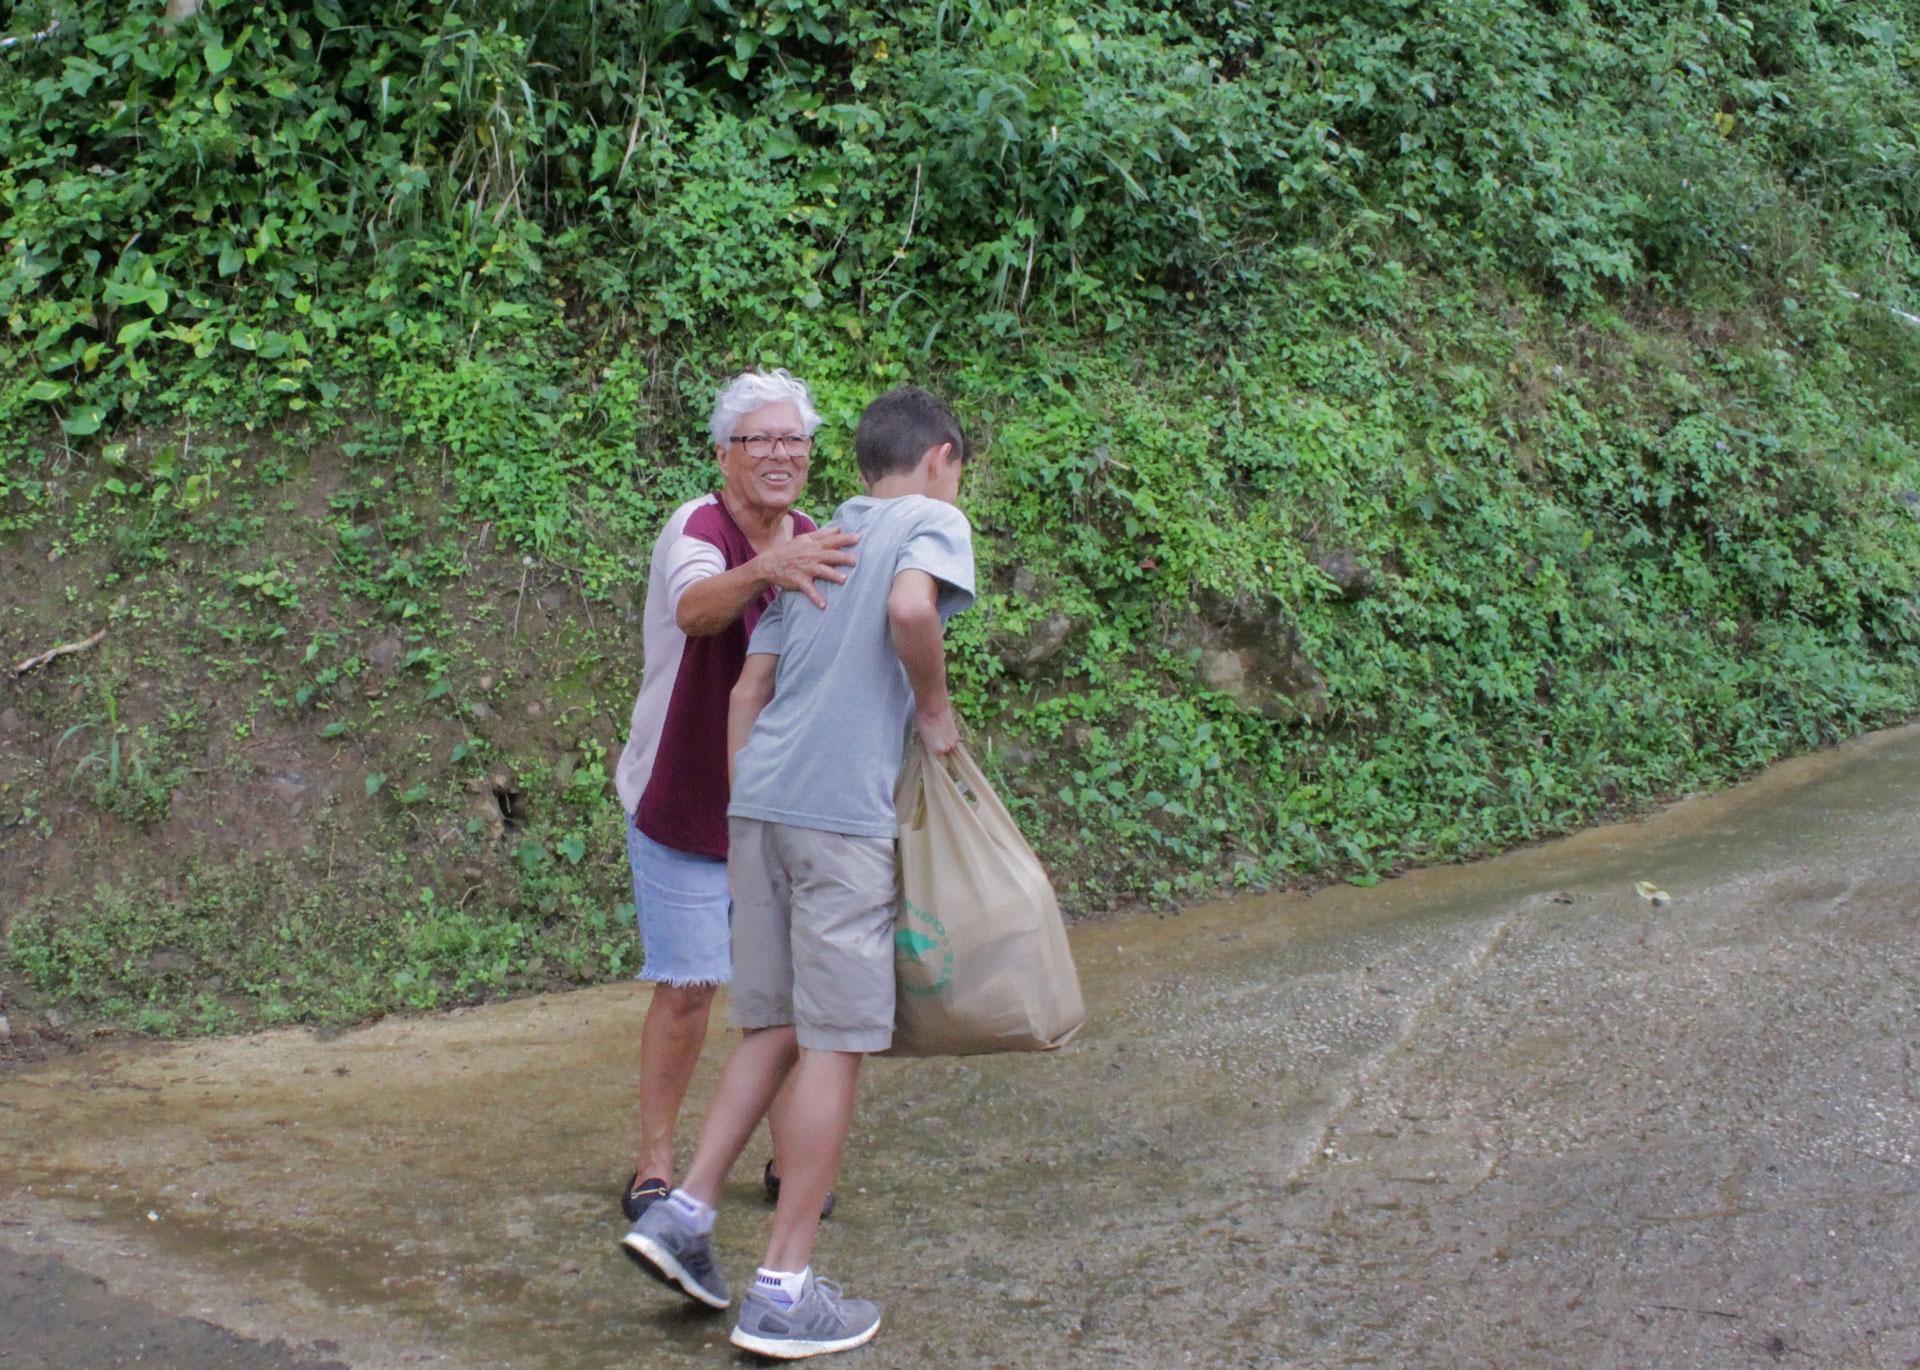 Julio Andrés, de Plaza Escorial, Carolina, Puerto Rico ayudando a una señora mayor de Orocovis tras el paso del Huracán María.